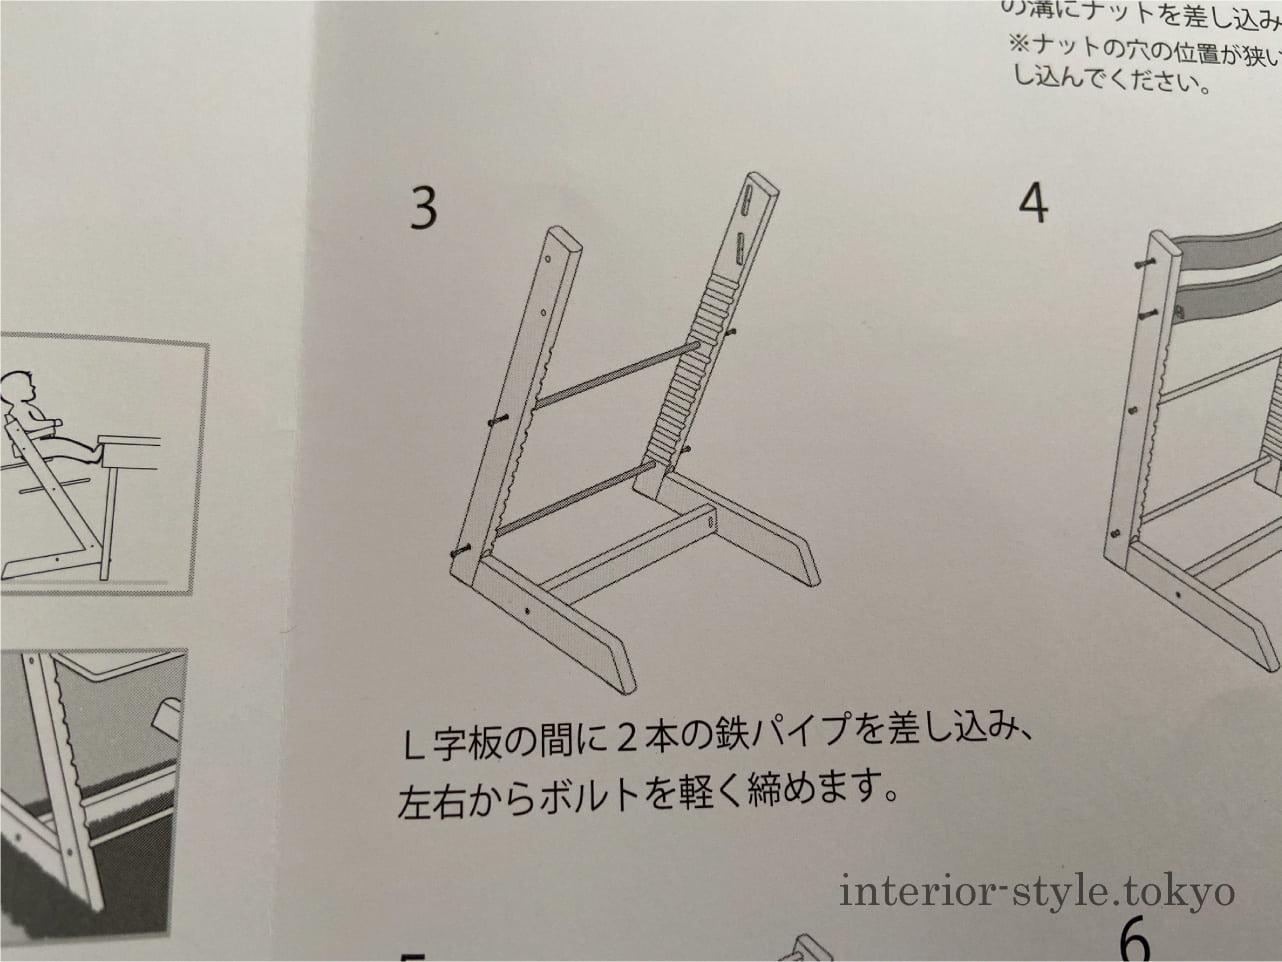 説明書の組立て手順3